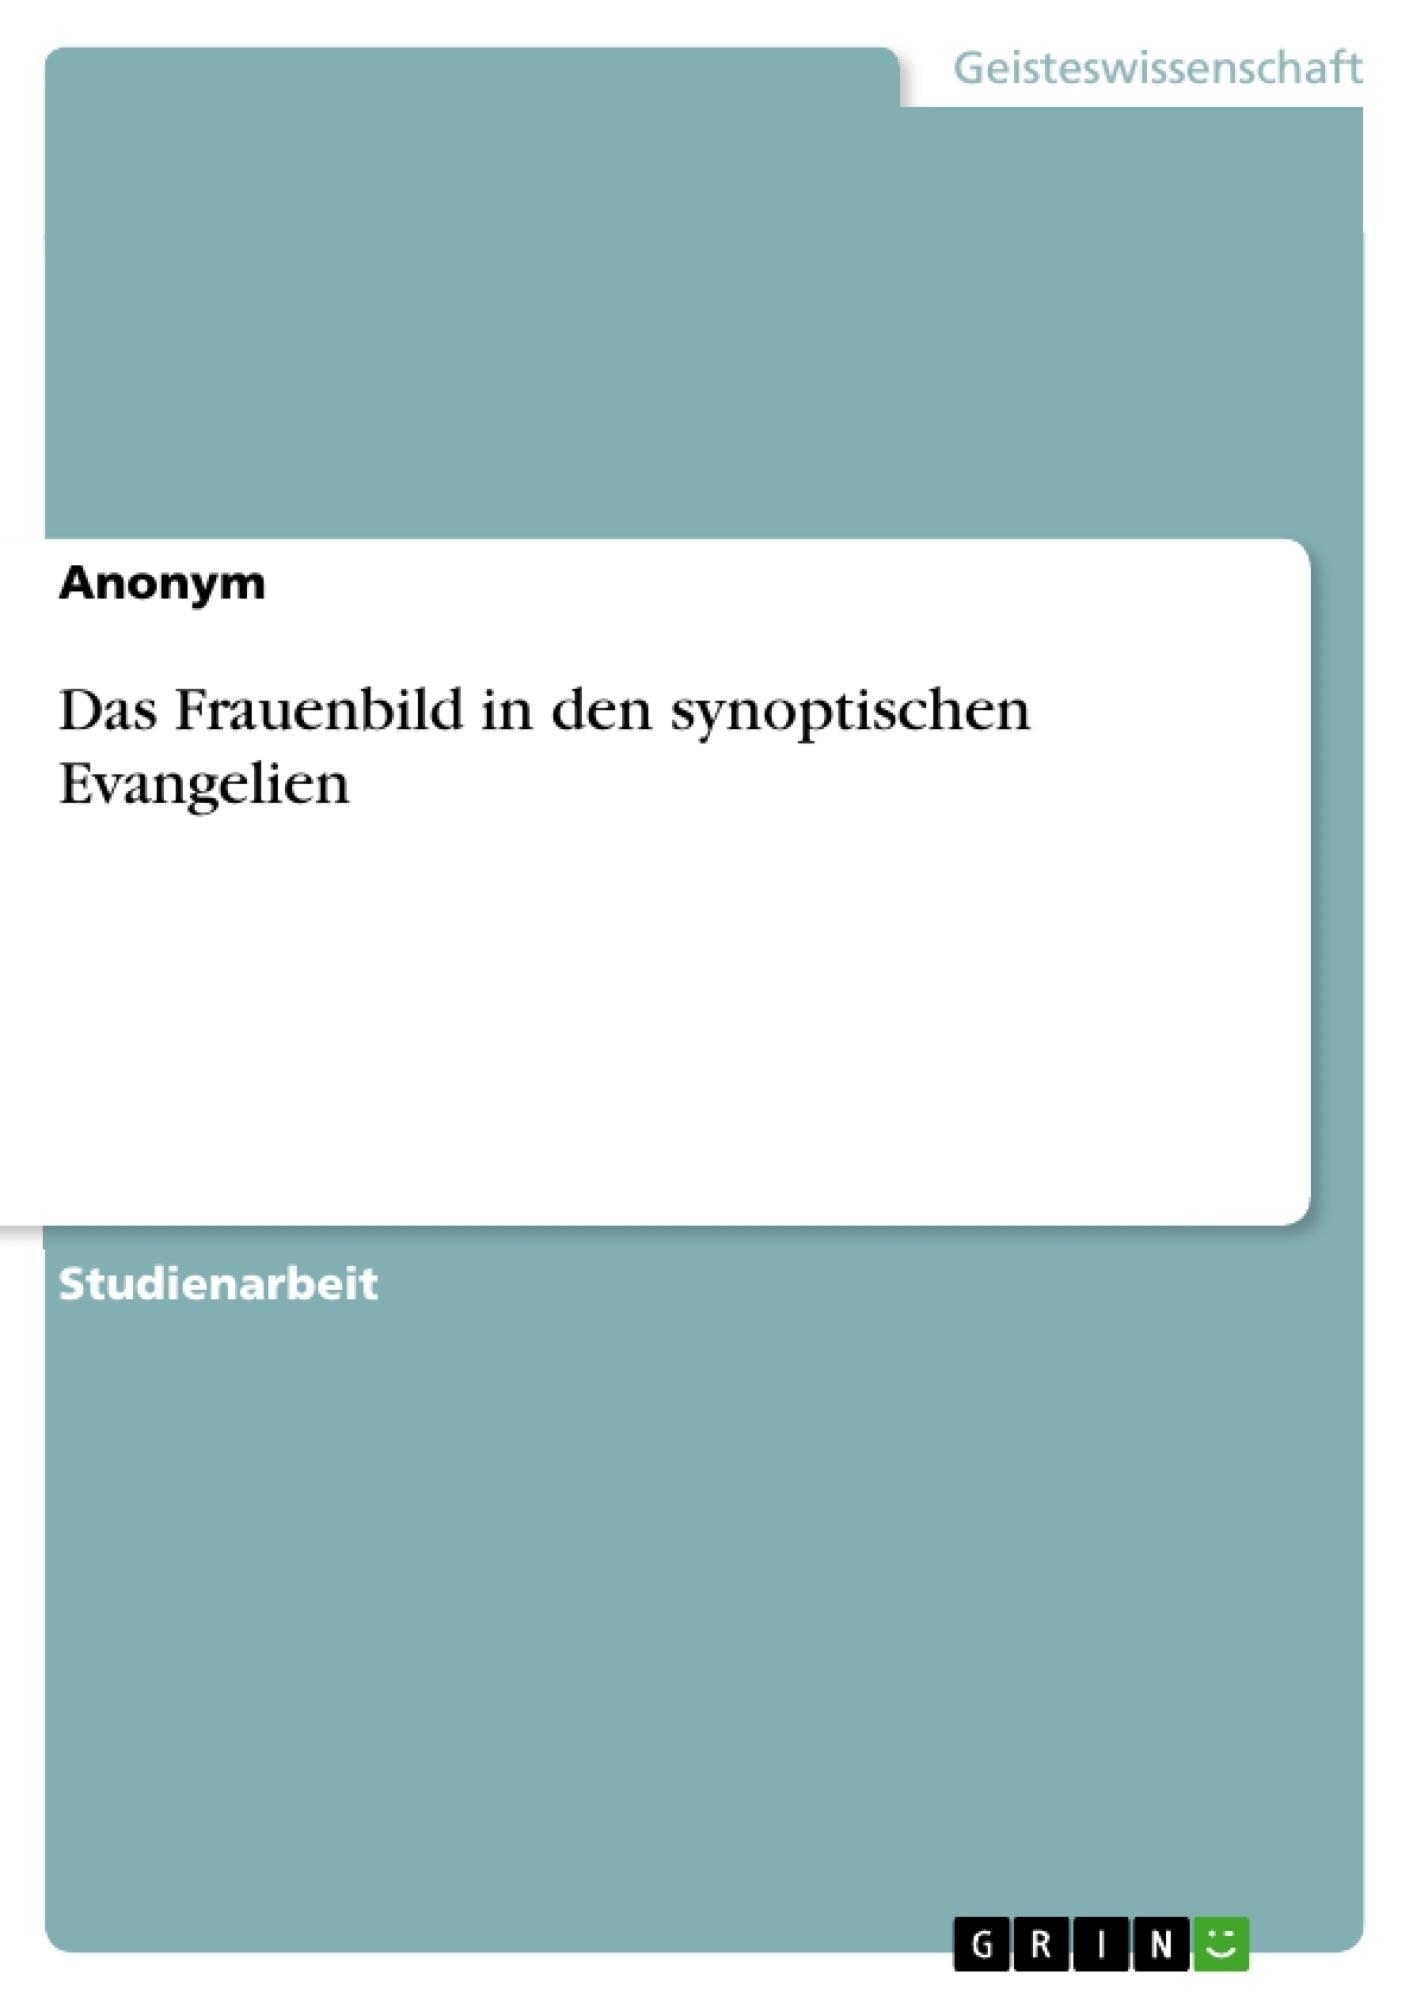 Titel: Das Frauenbild in den synoptischen Evangelien